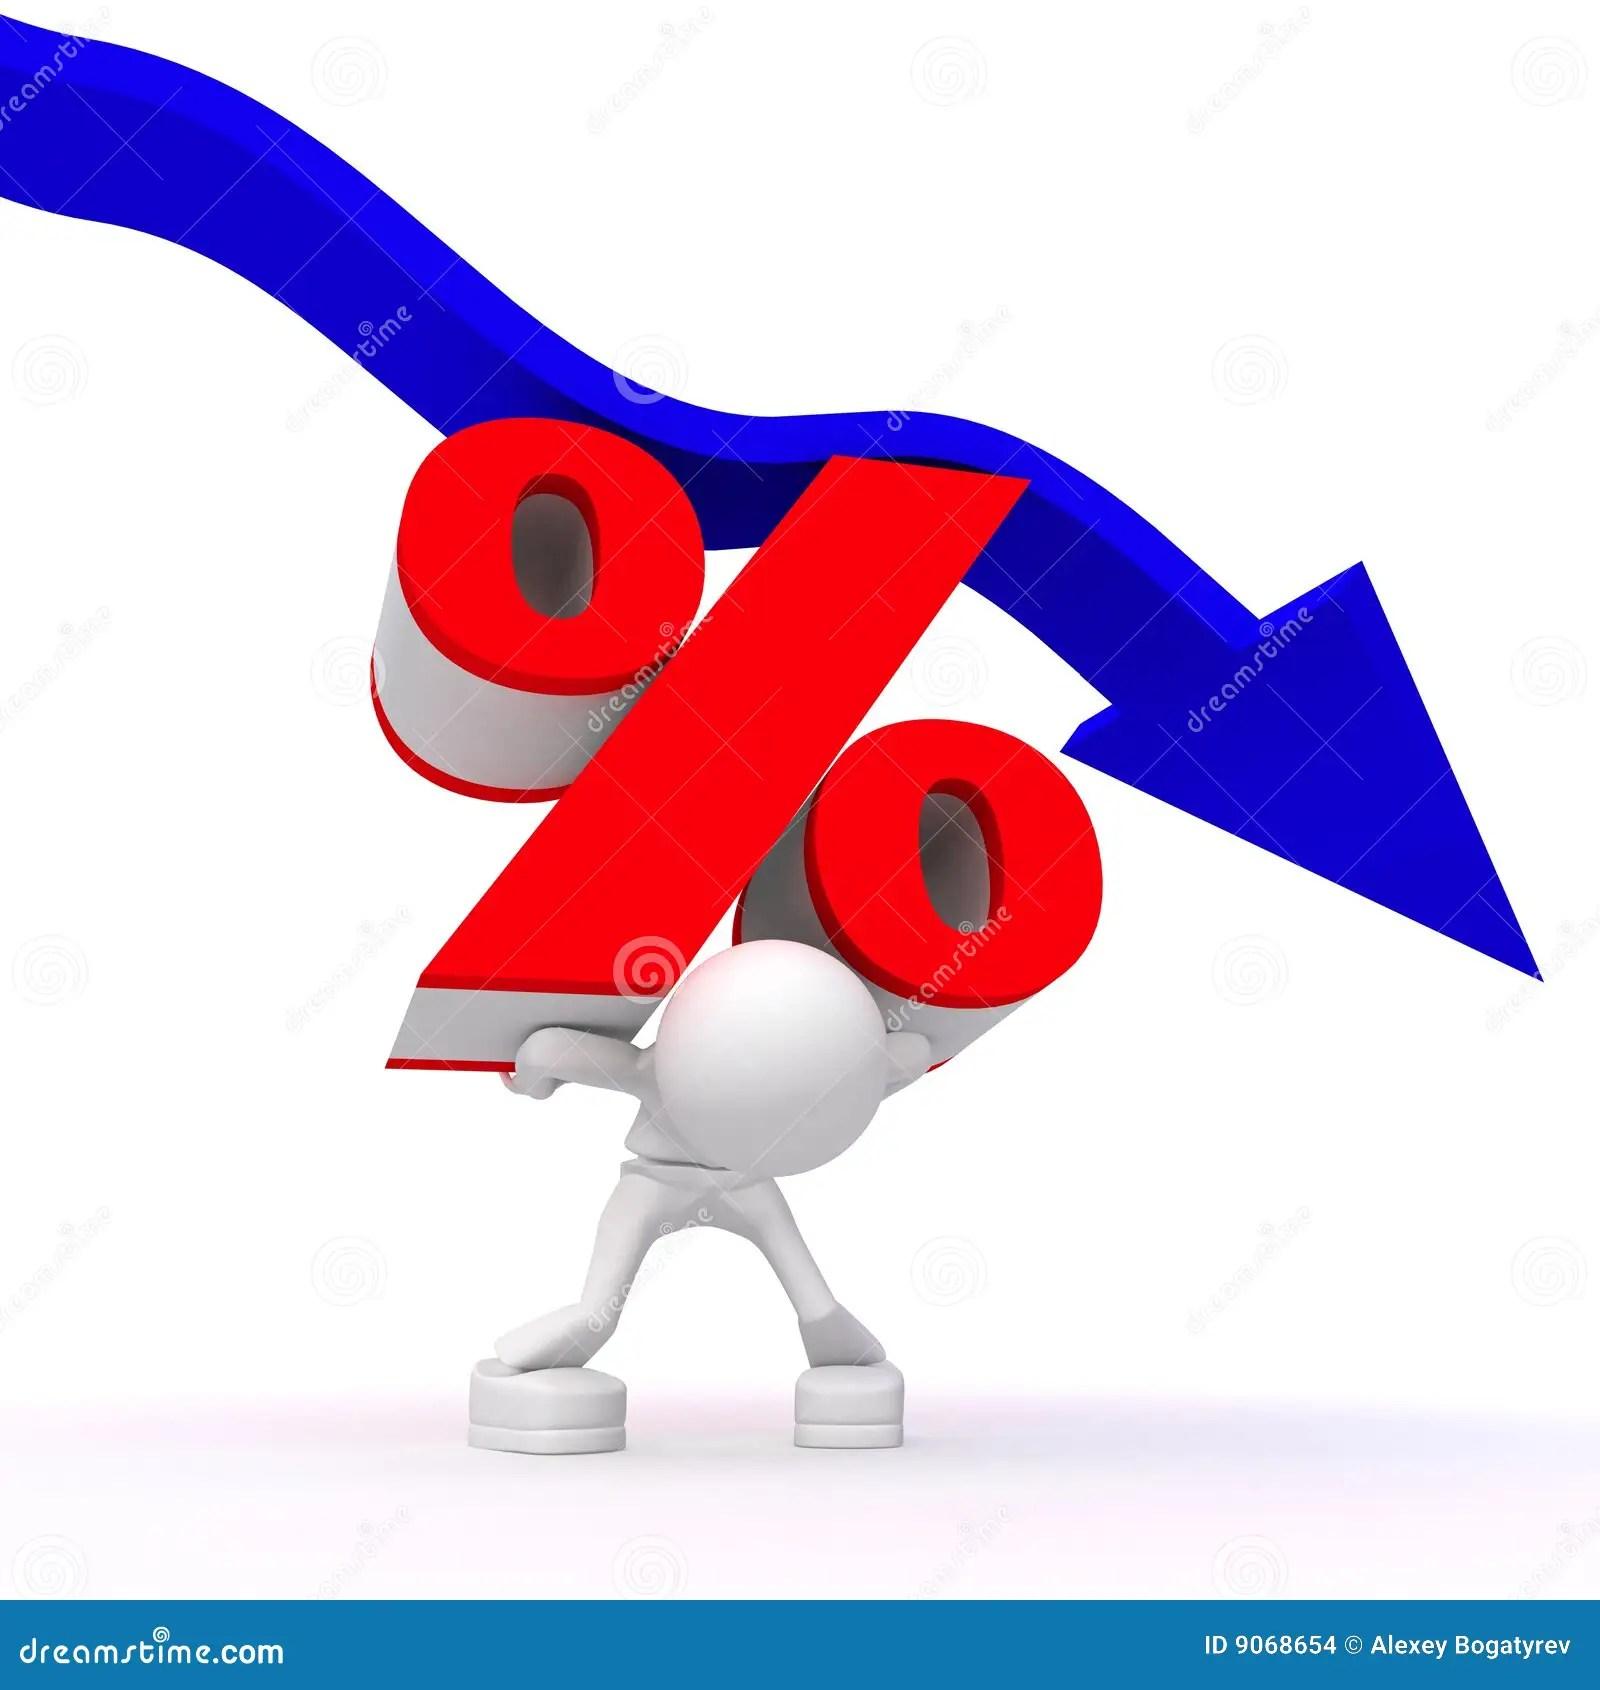 Percentage Rate Decrease Stock Illustration Illustration